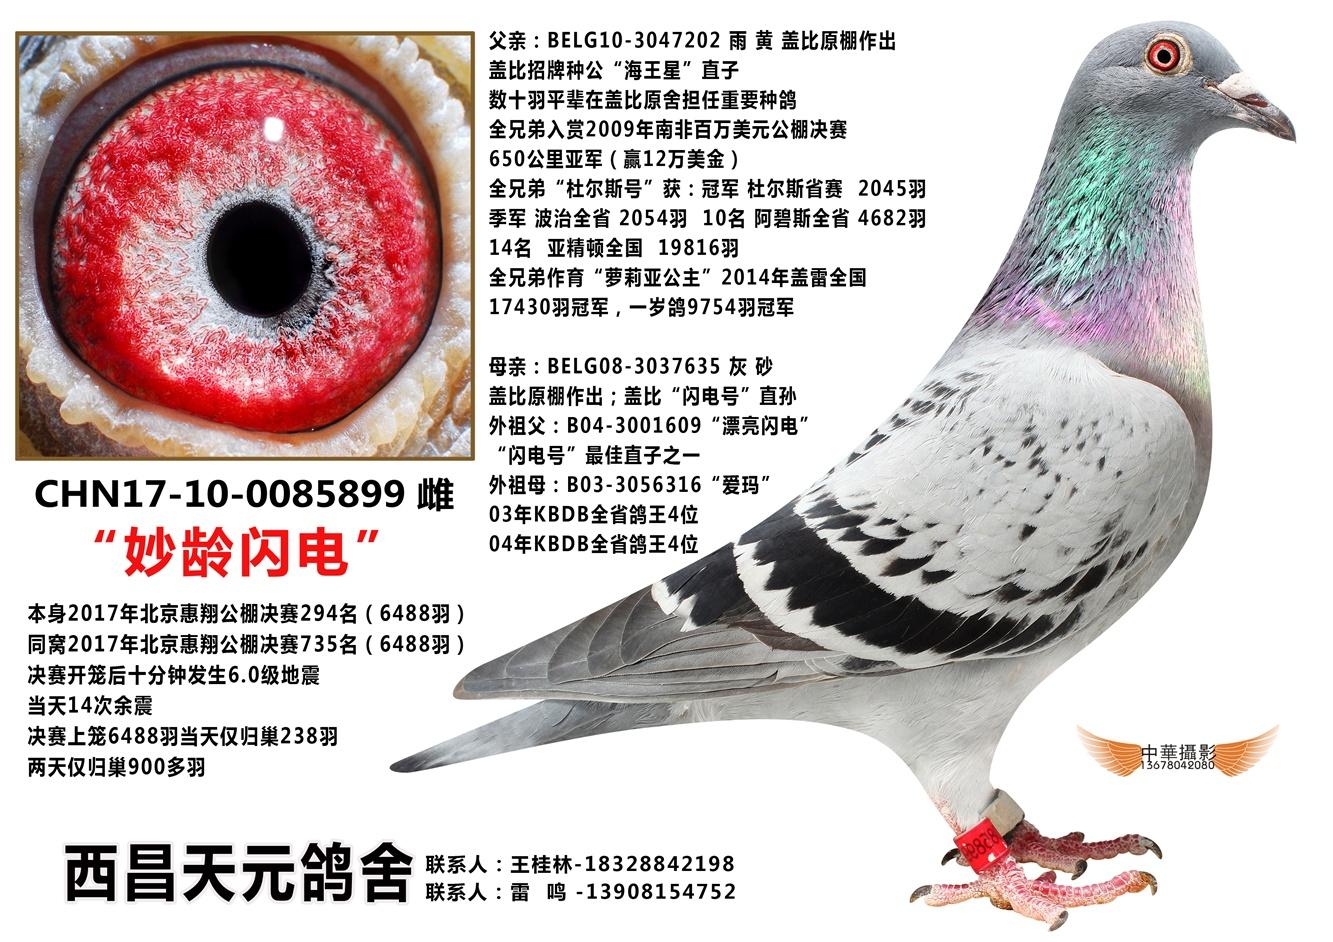 北京惠翔公棚决赛294名(妙龄闪电)